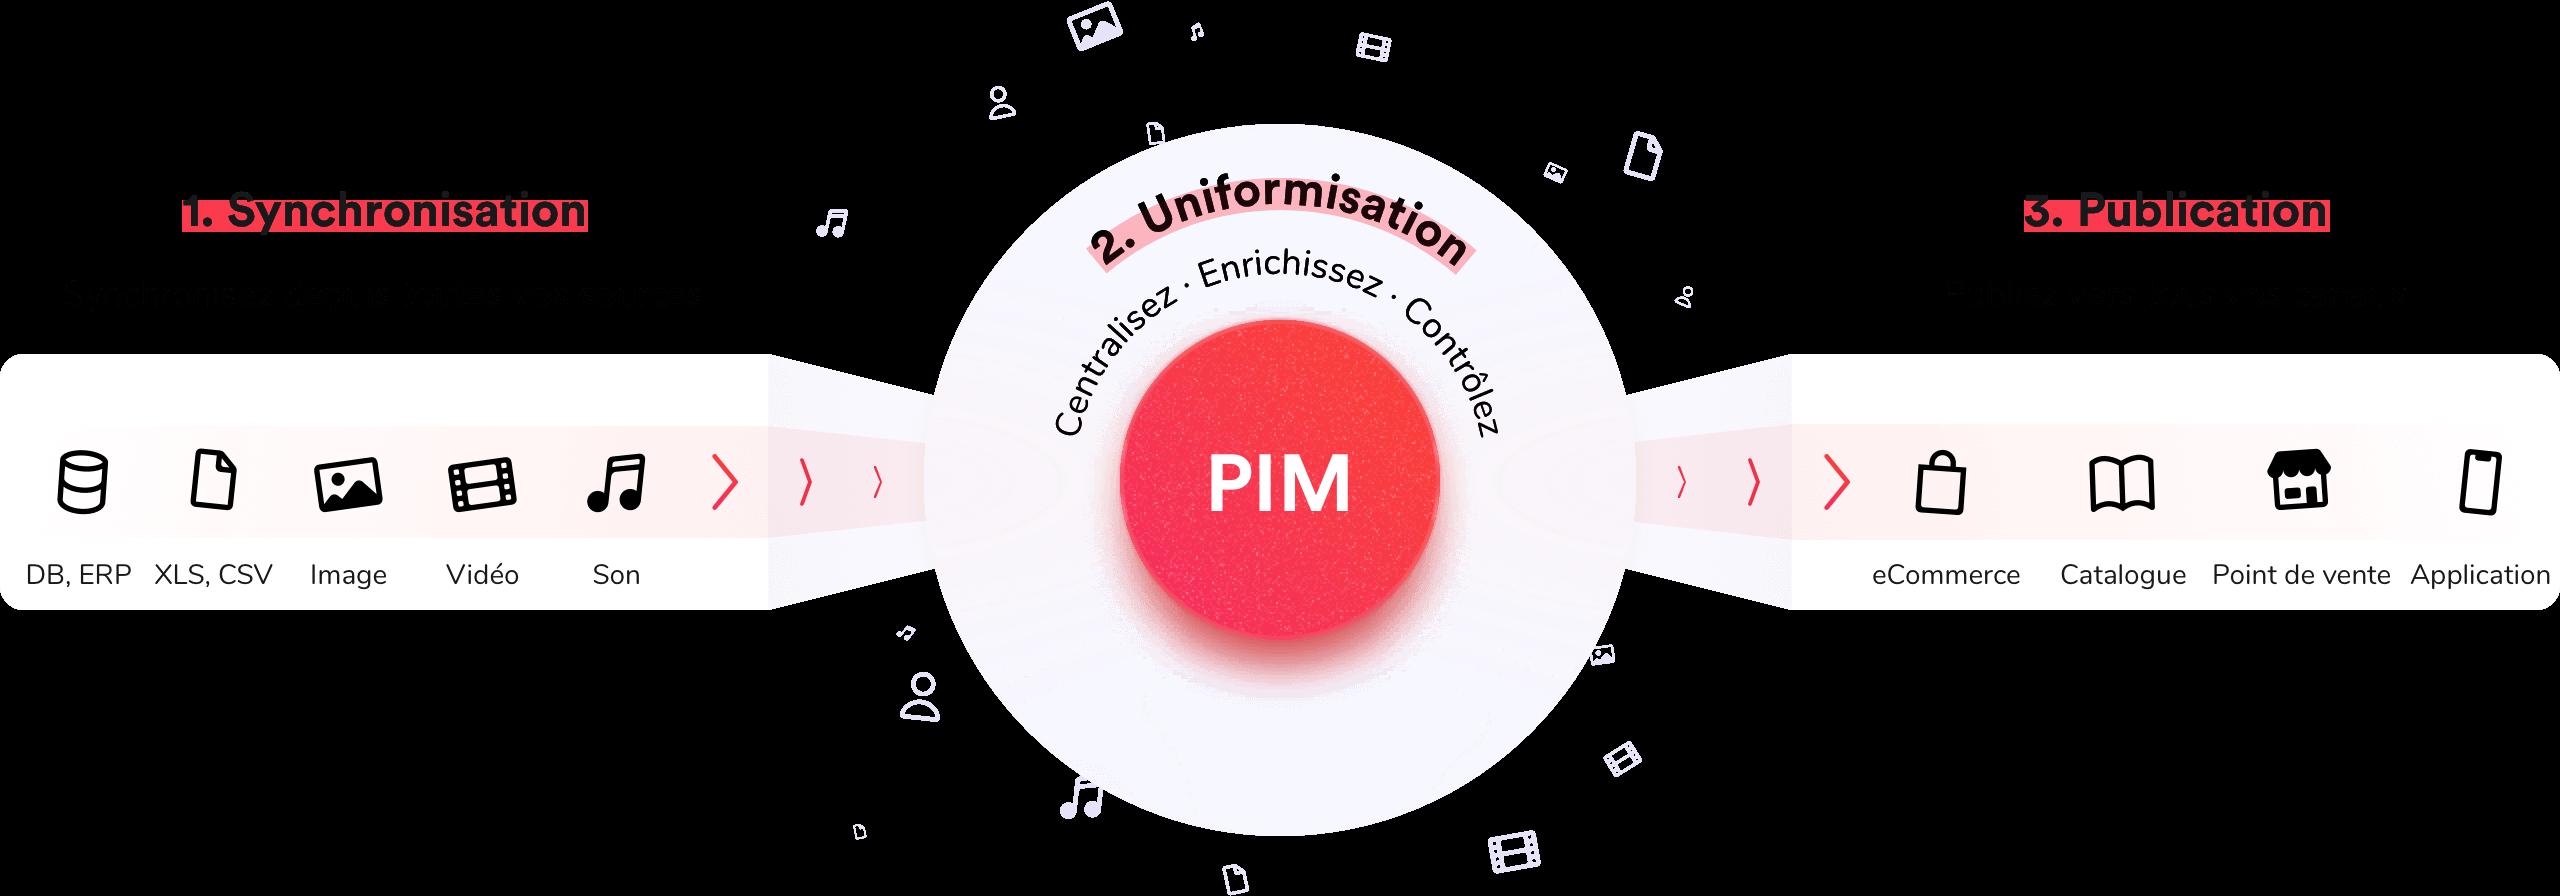 comment-fonctionne-une-solution-pim2x